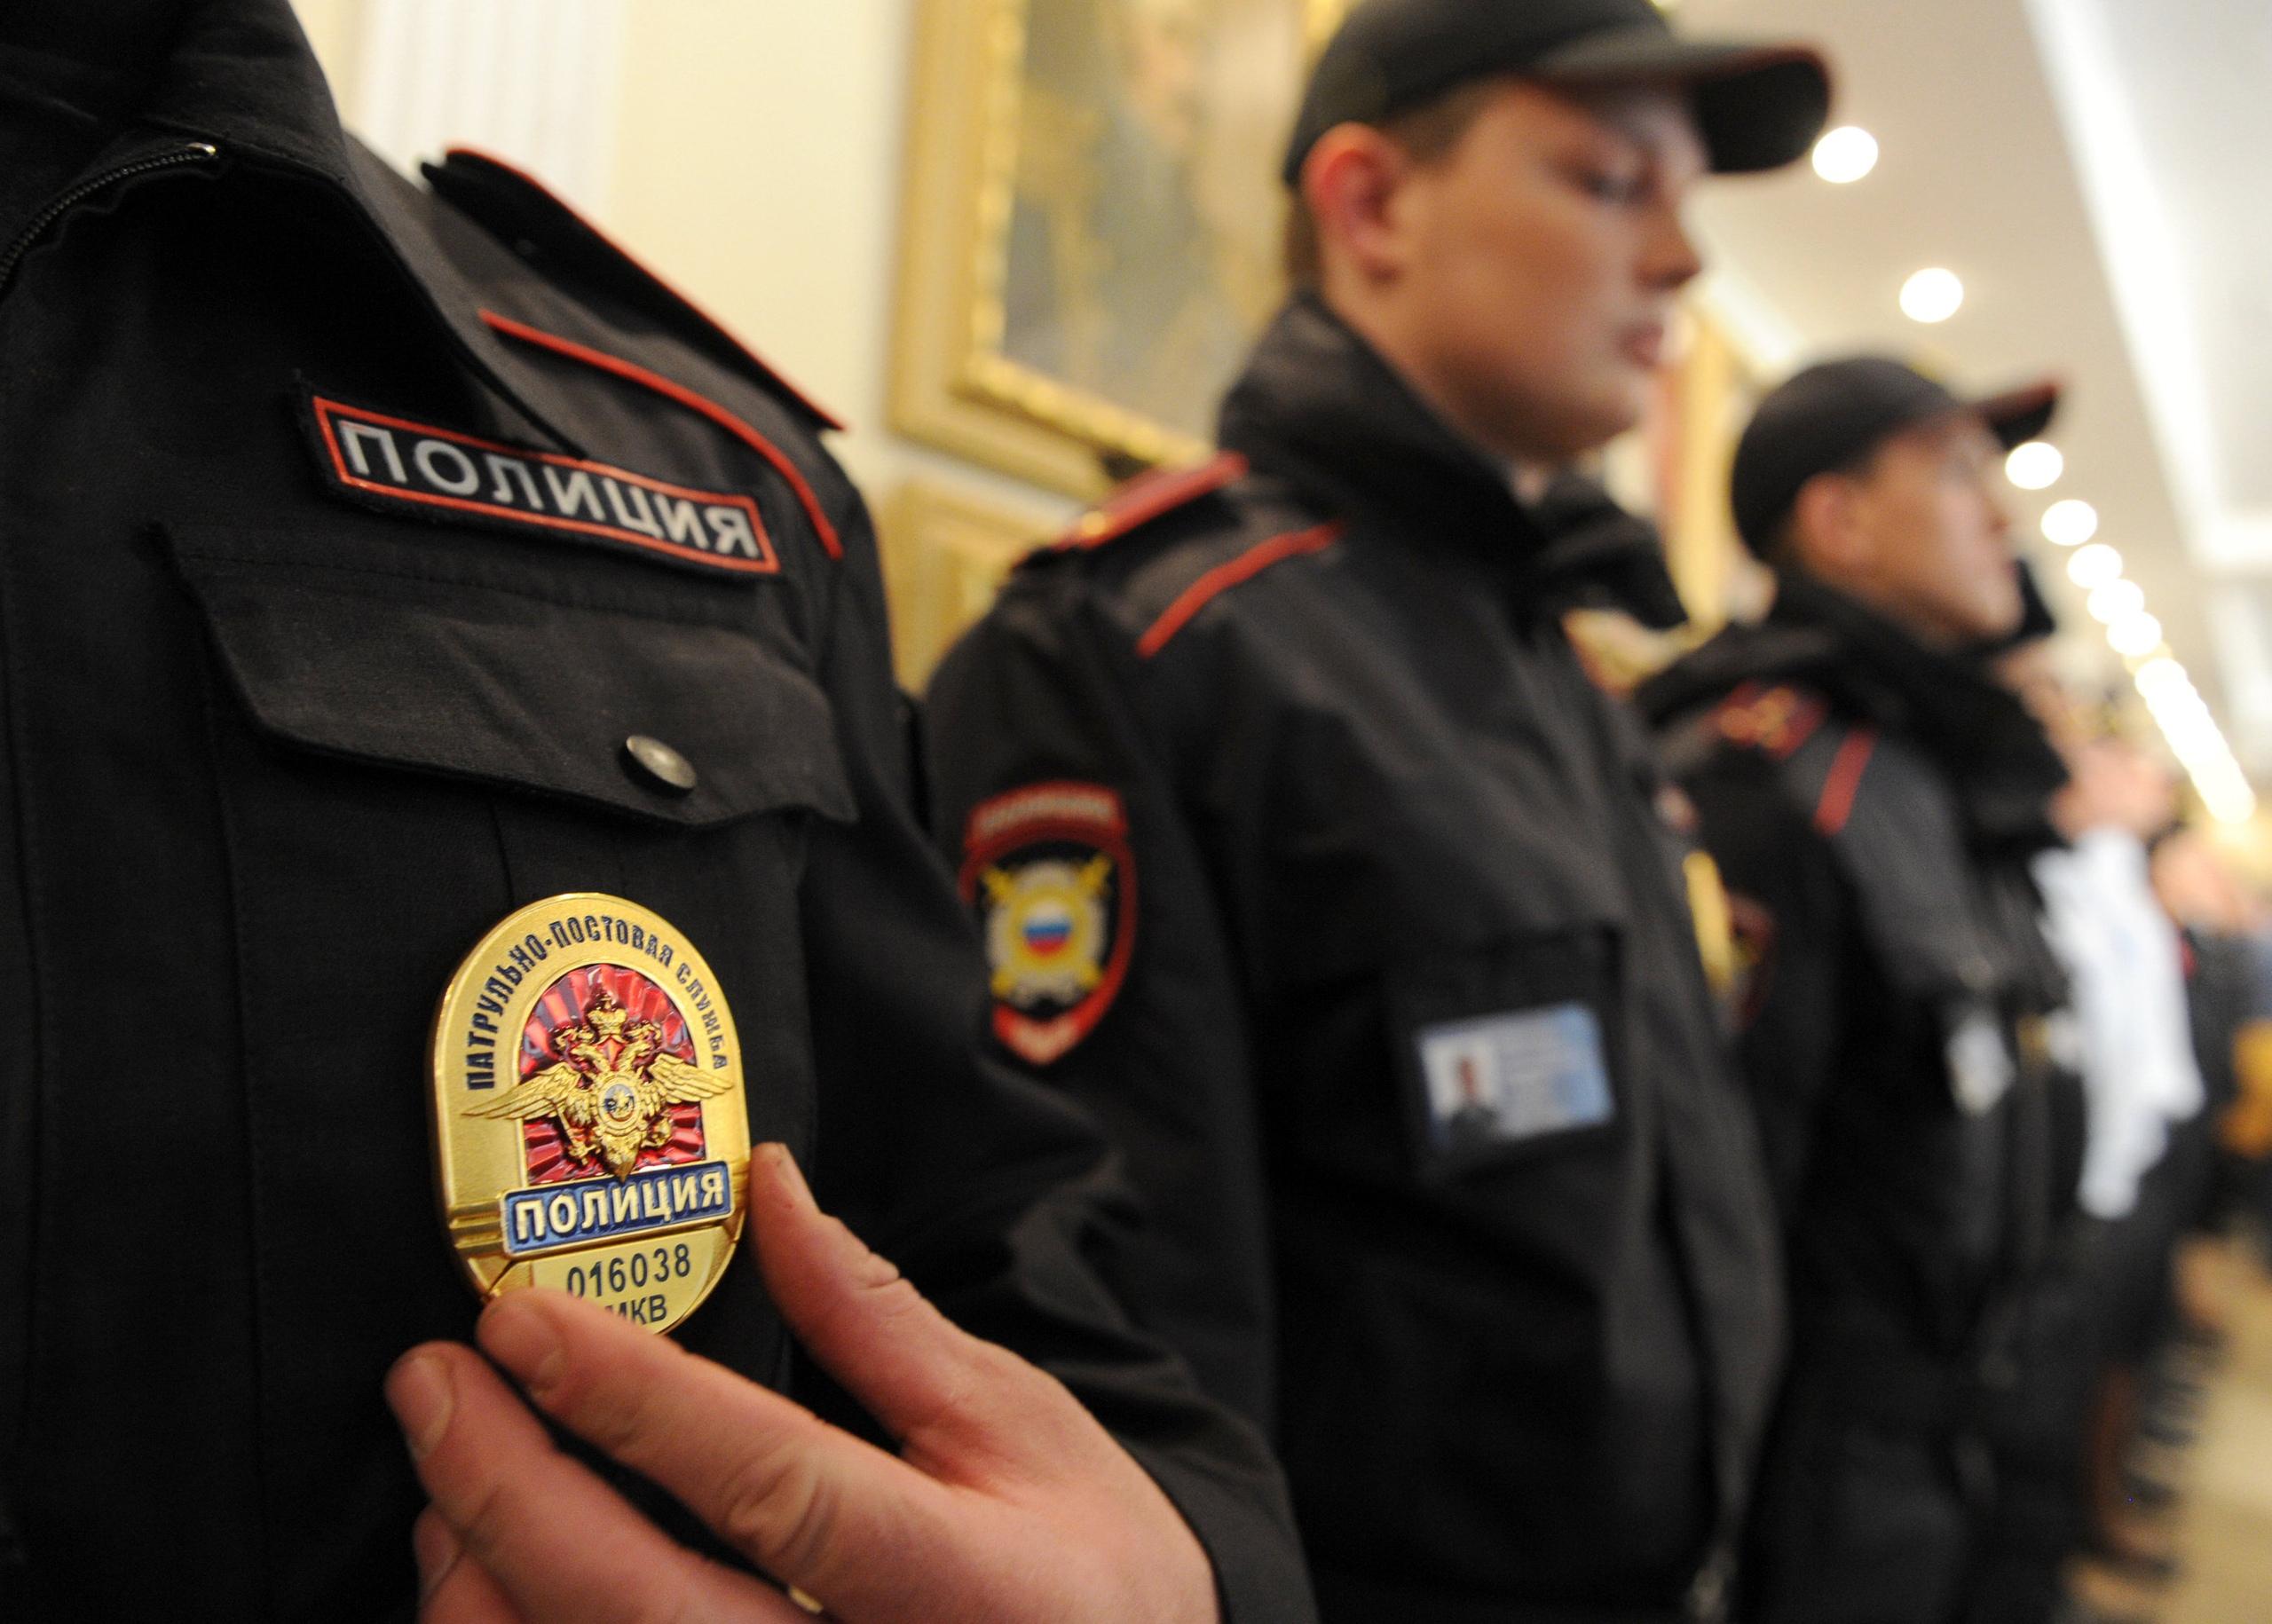 Стало известно, как жители КЧР оценивают работу МВД